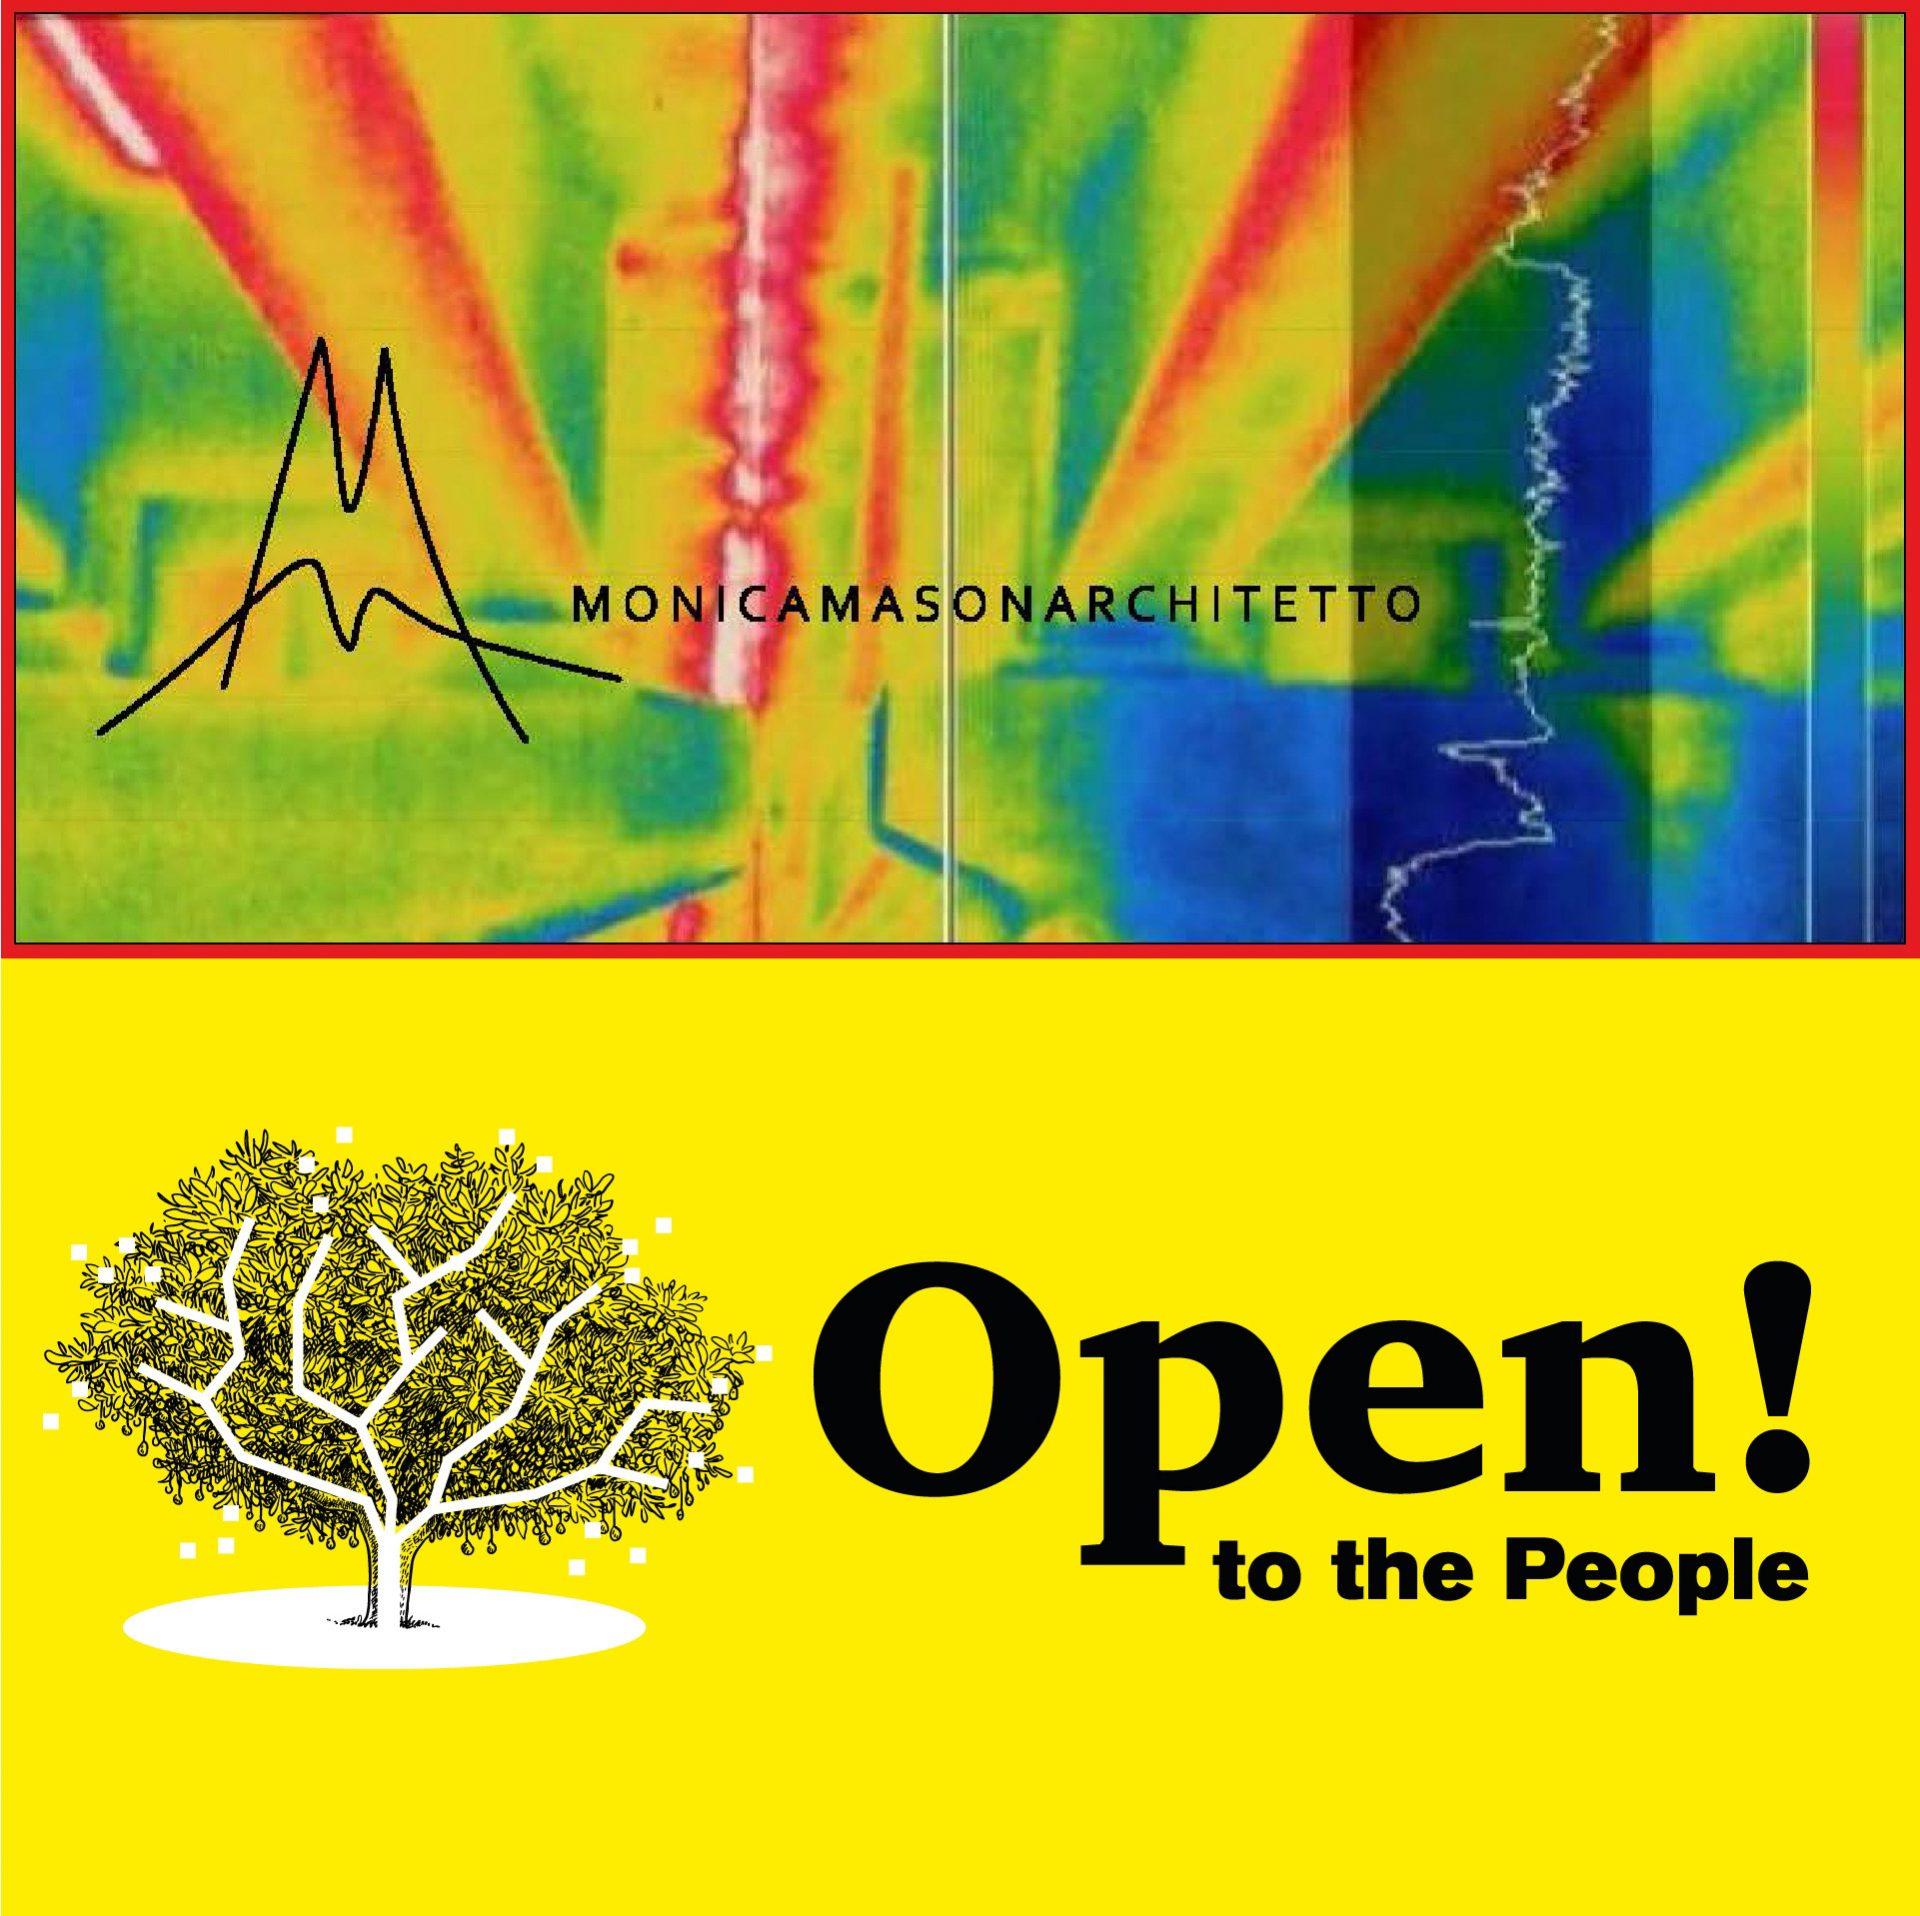 Immagine acquisita con termocamera con logo dello studio e logo dell'evento collettivo.